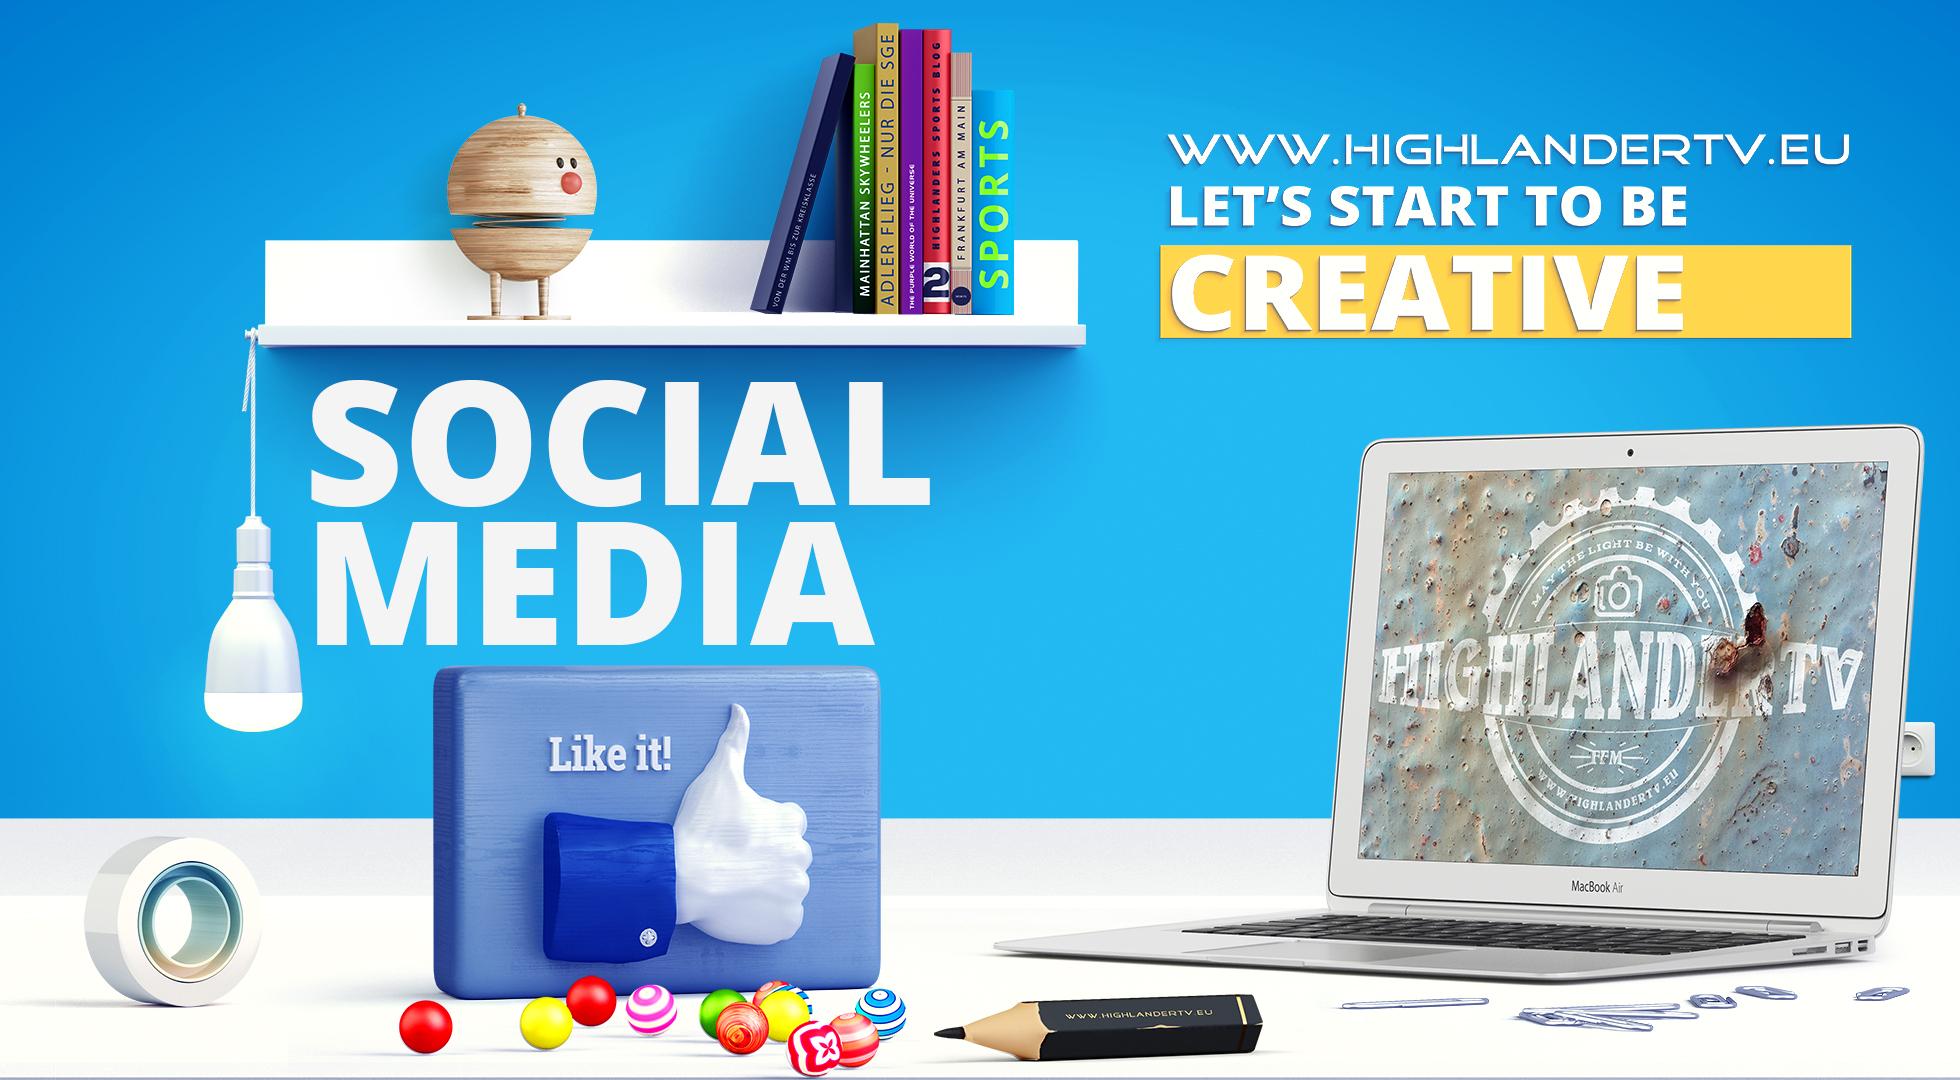 HighlanderTV - Social Media